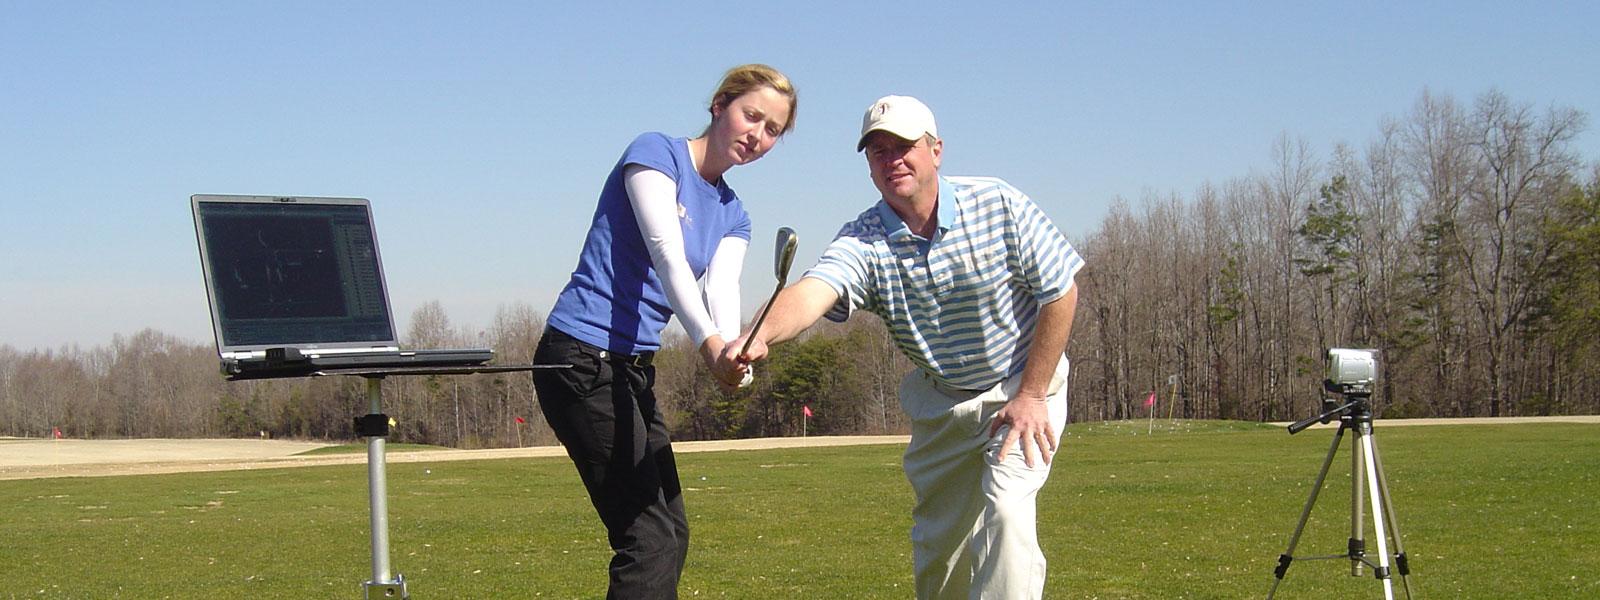 Golf Instructor | Precision Golf School